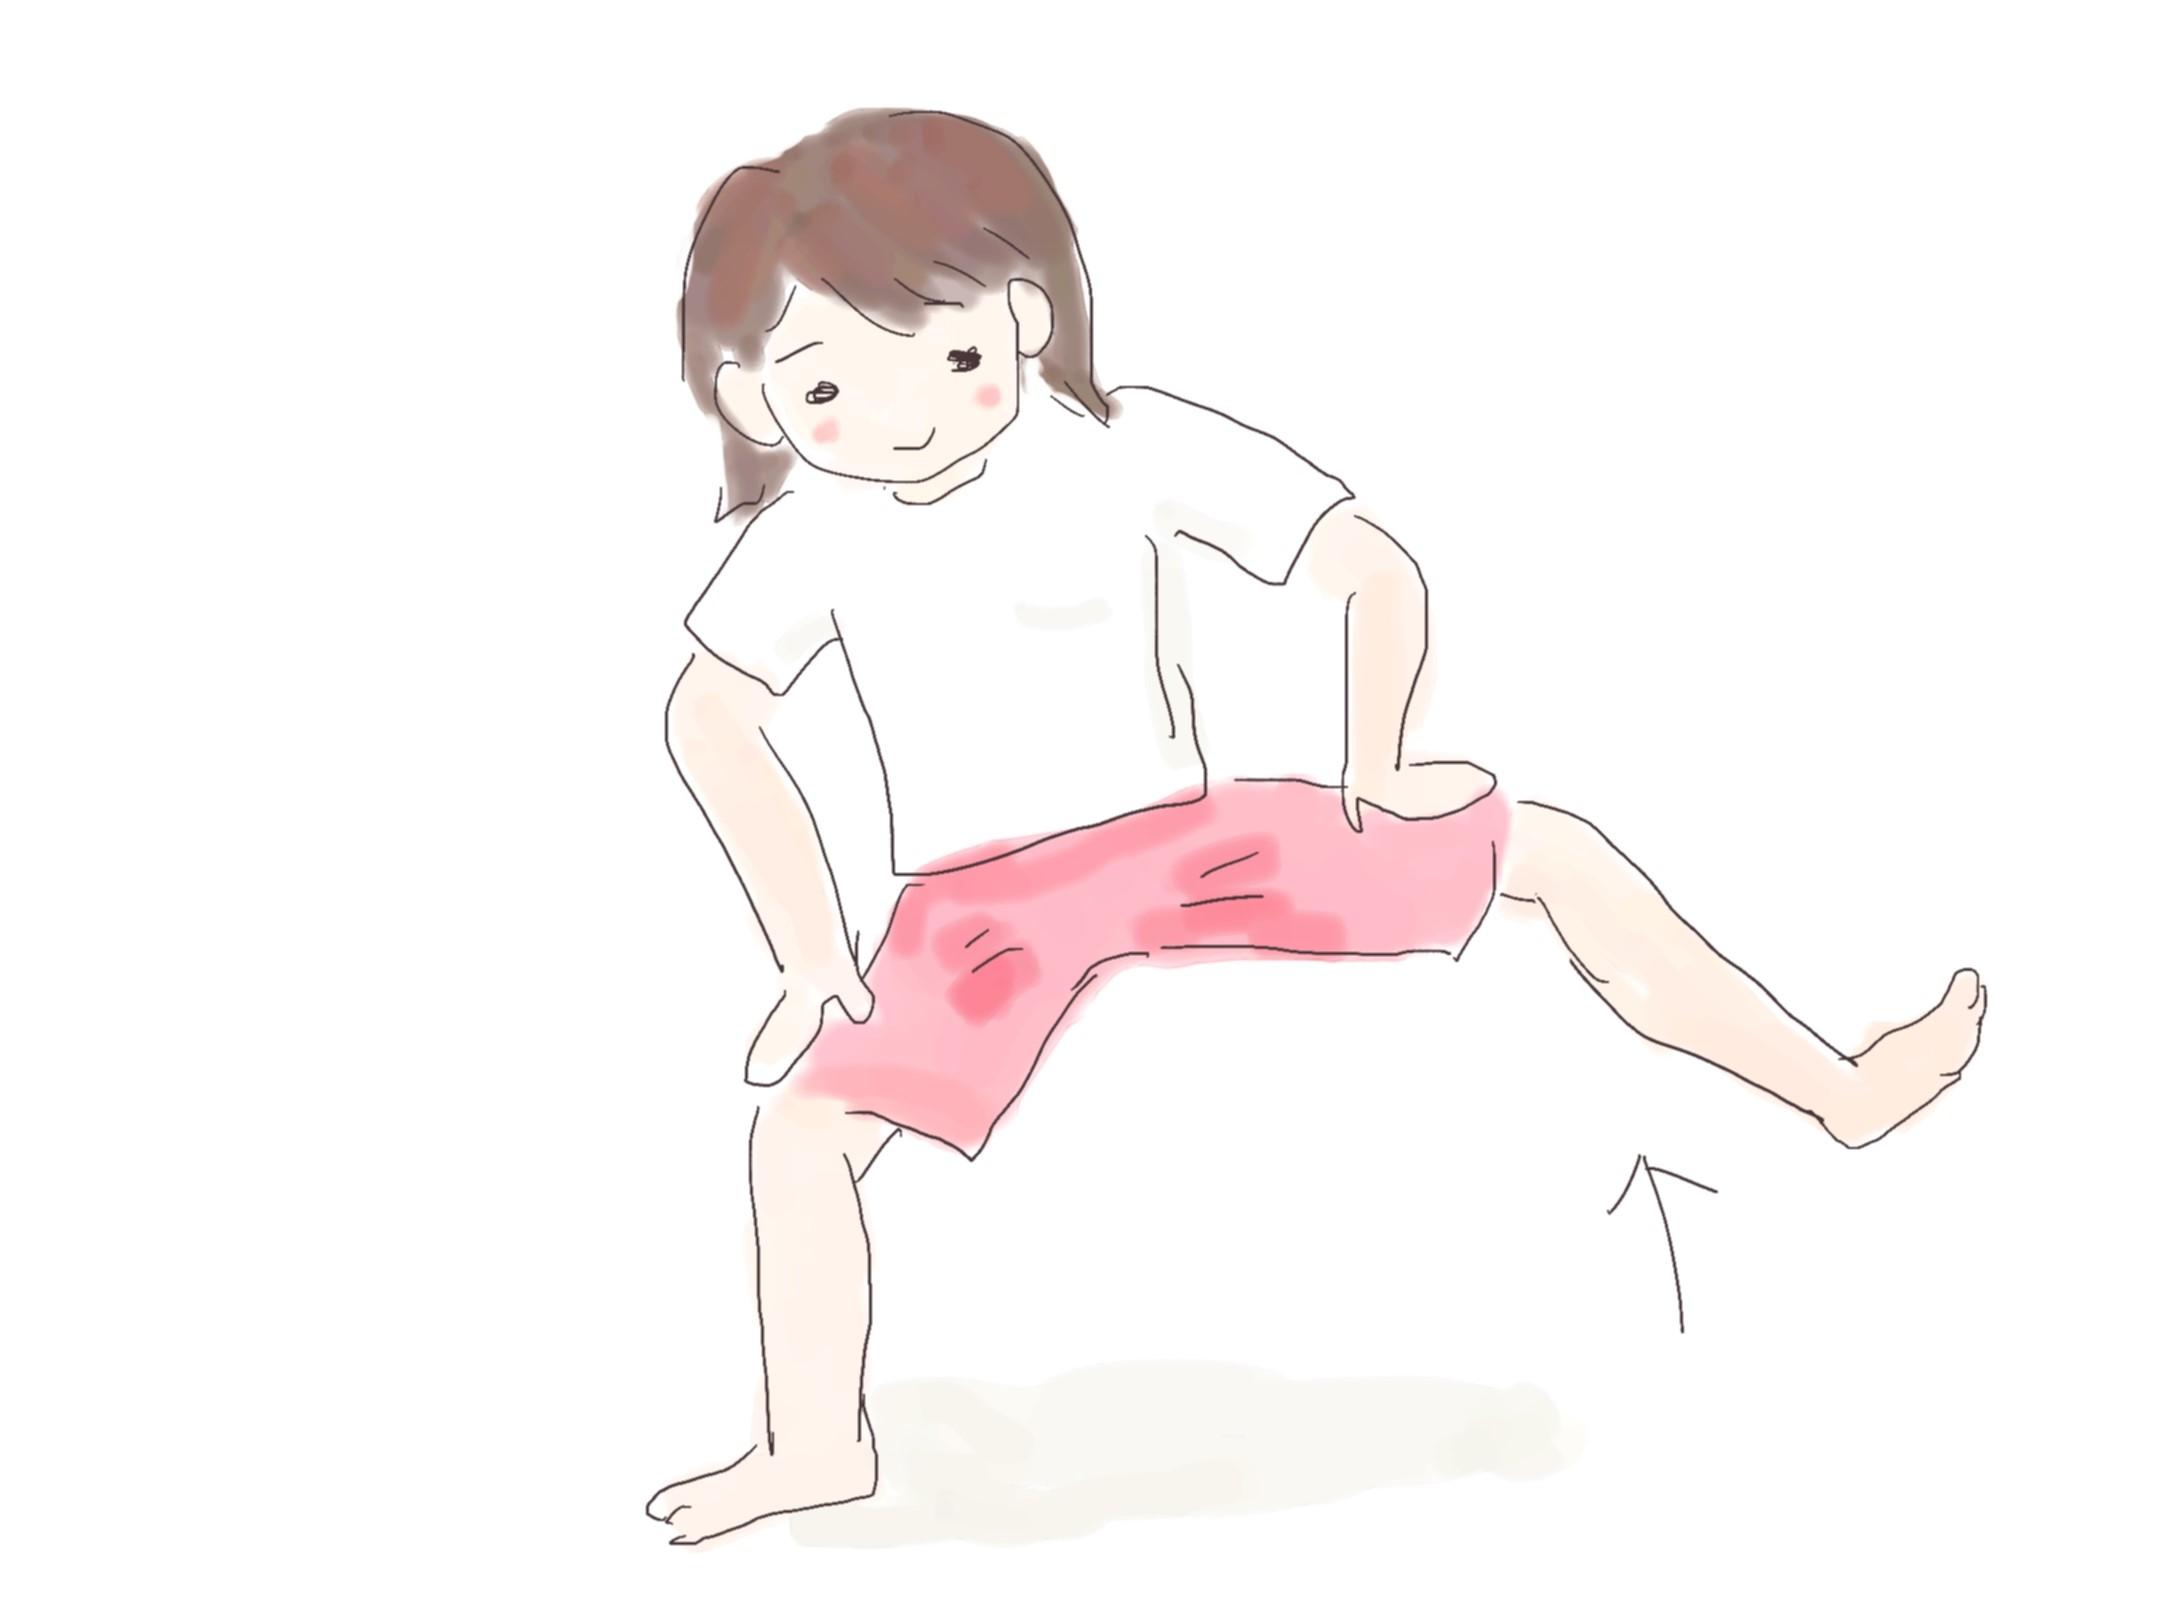 四股踏みは万能のエクササイズ